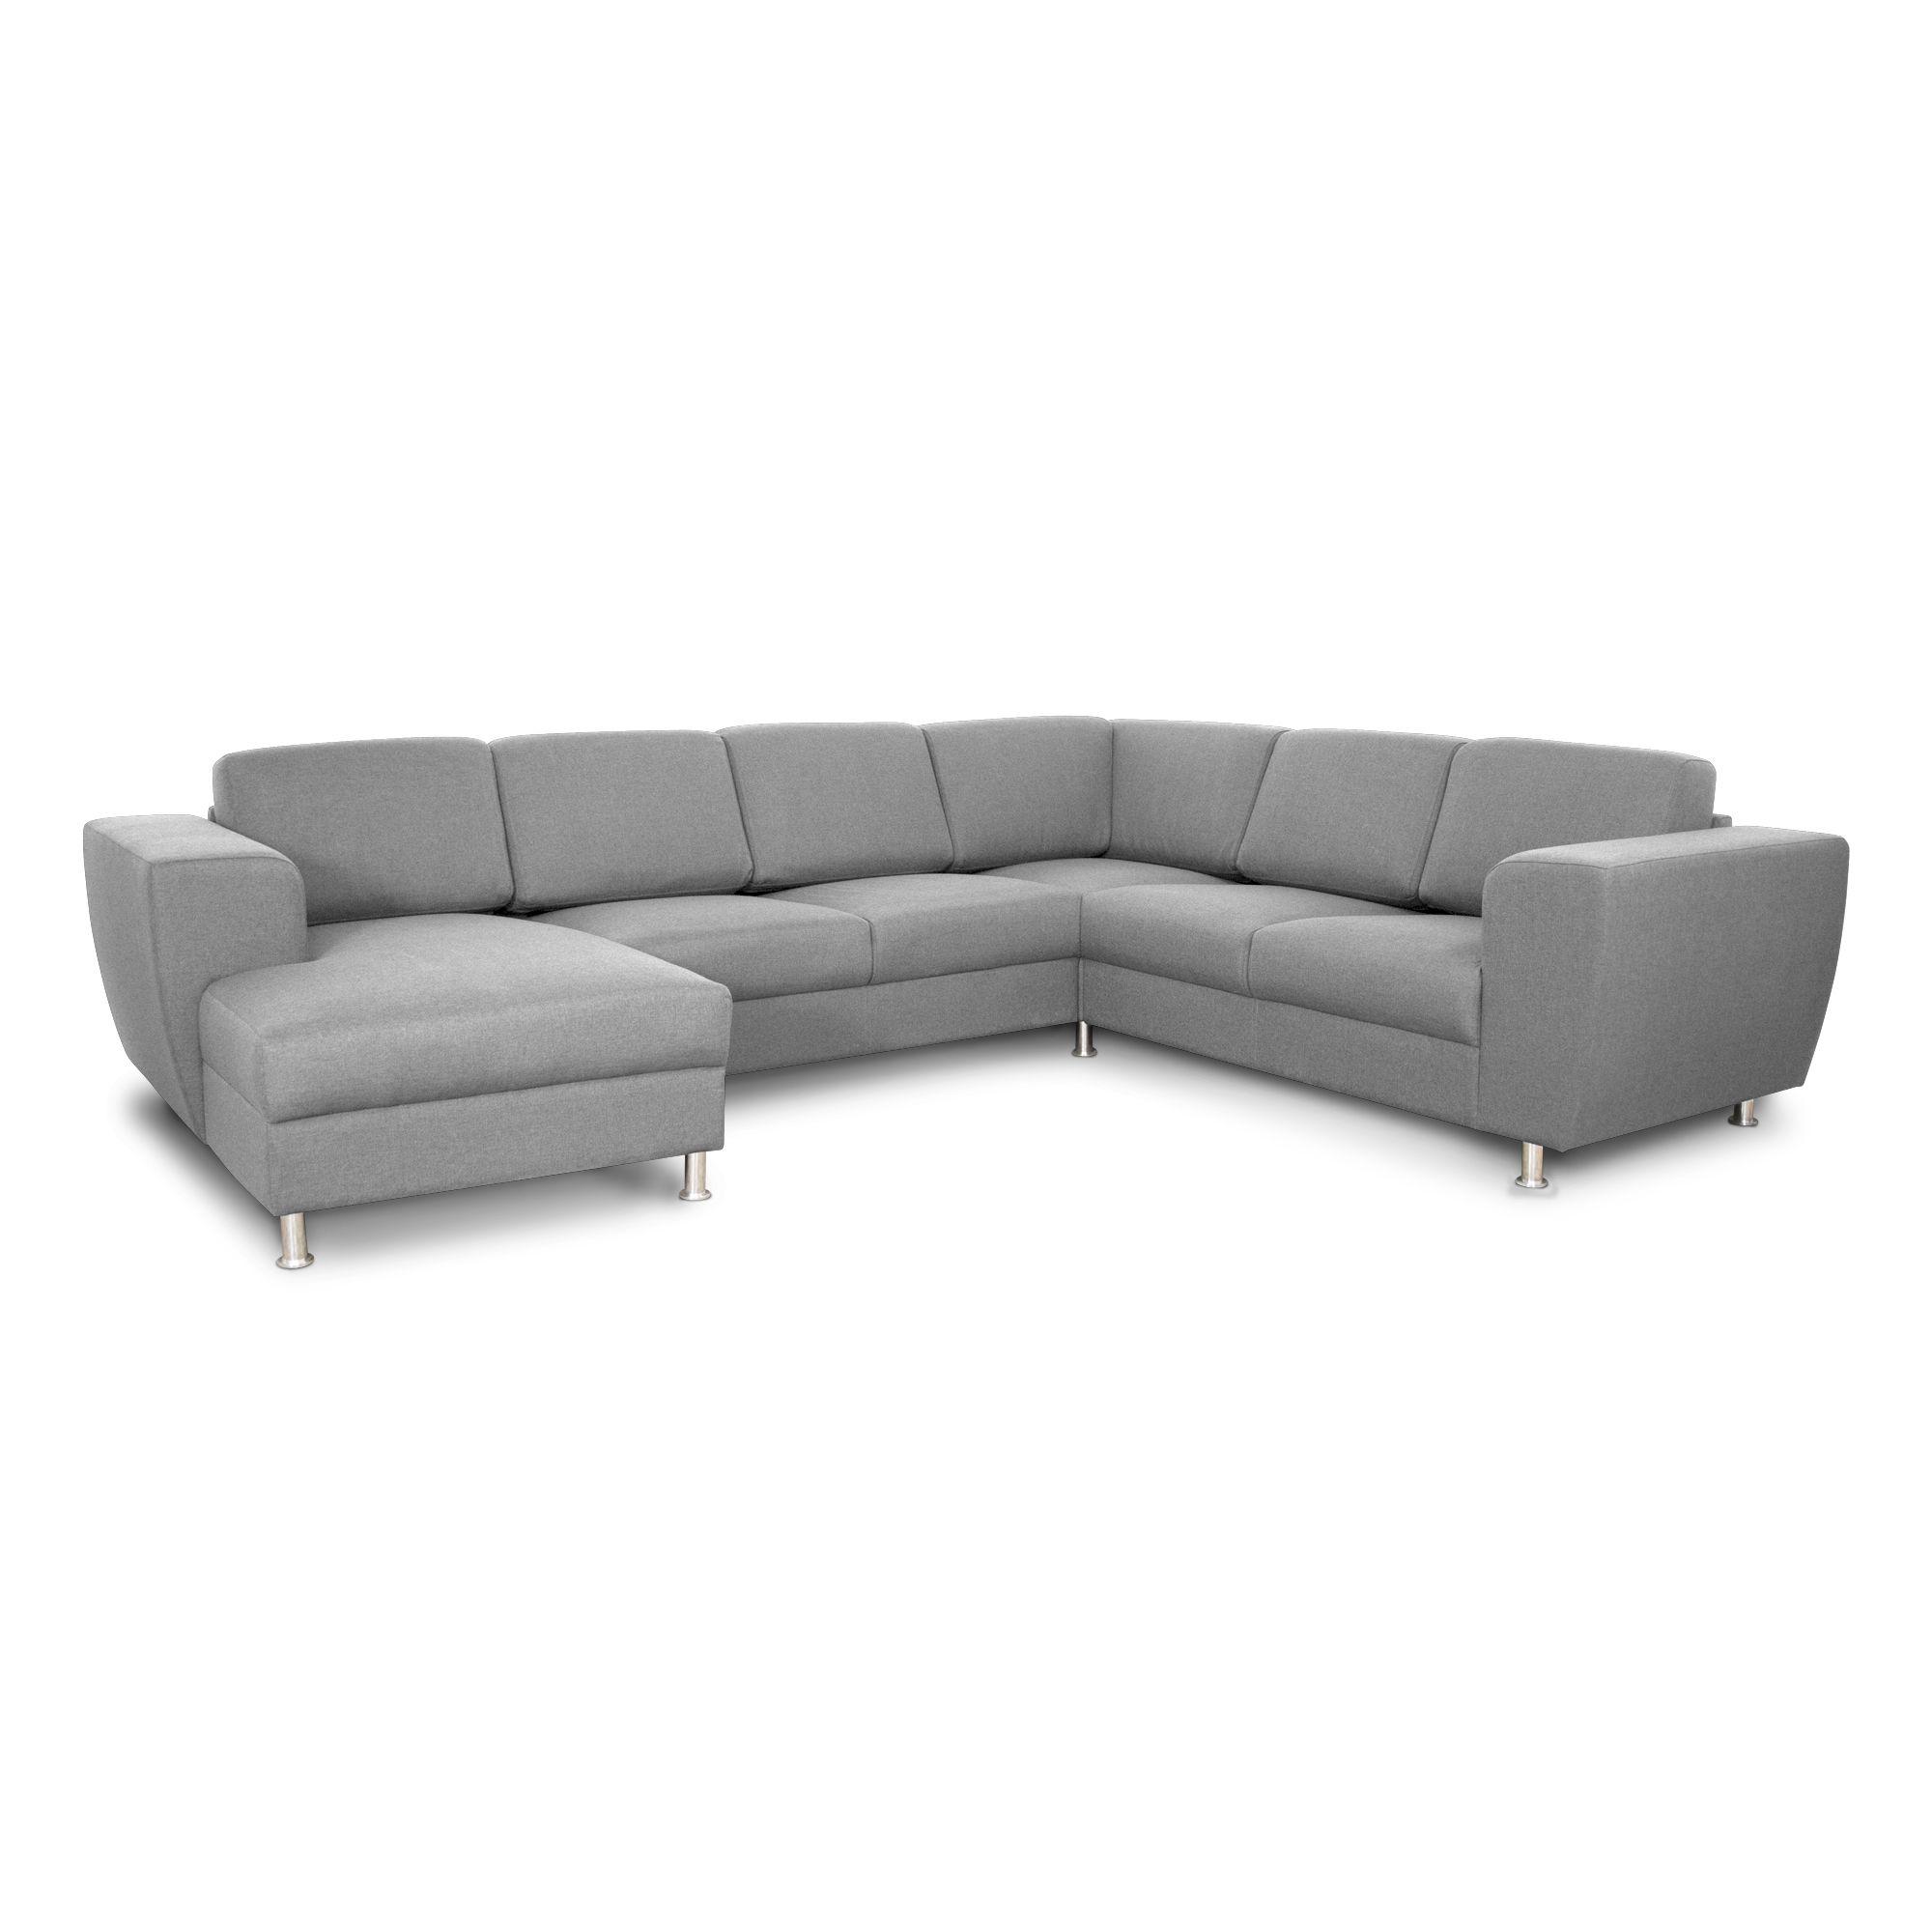 Er det on tide ¥ fornye stua Finn din nye sofa hos Fagm¸bler velg